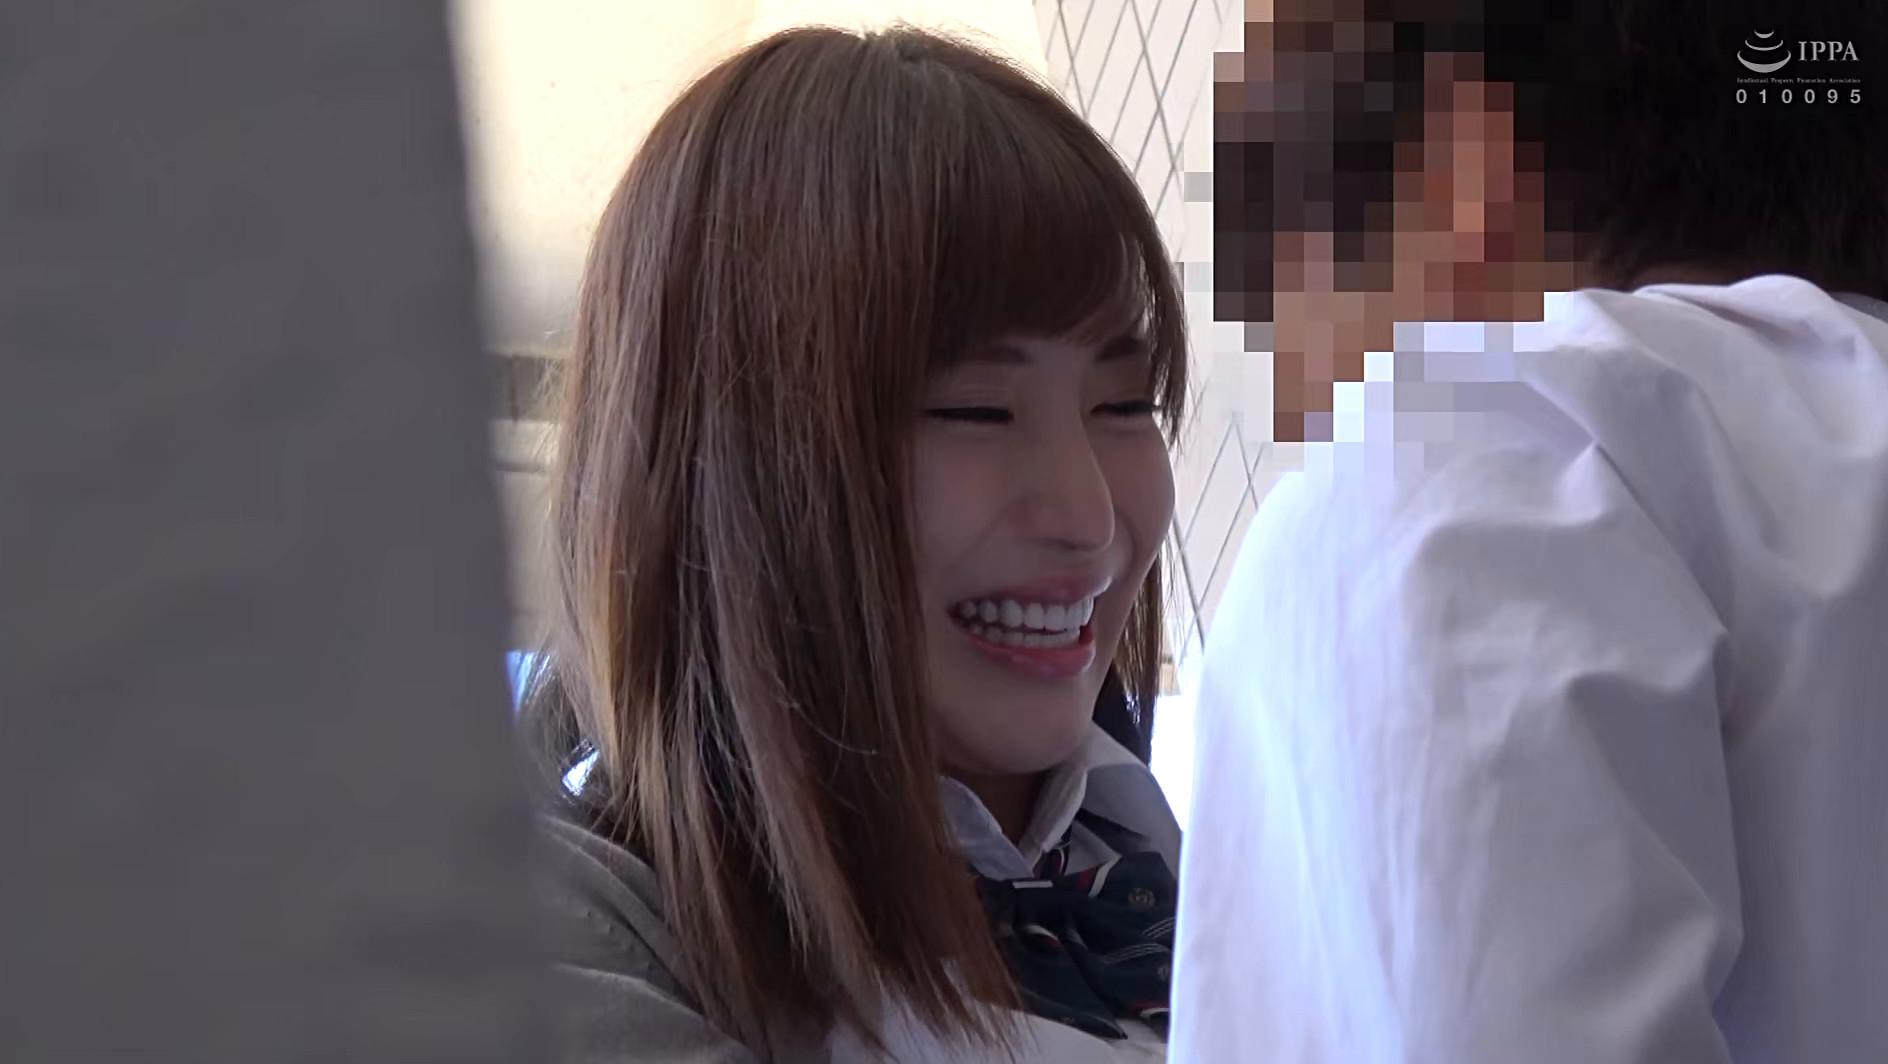 女子○生 トイレSEX盗撮 2 画像1